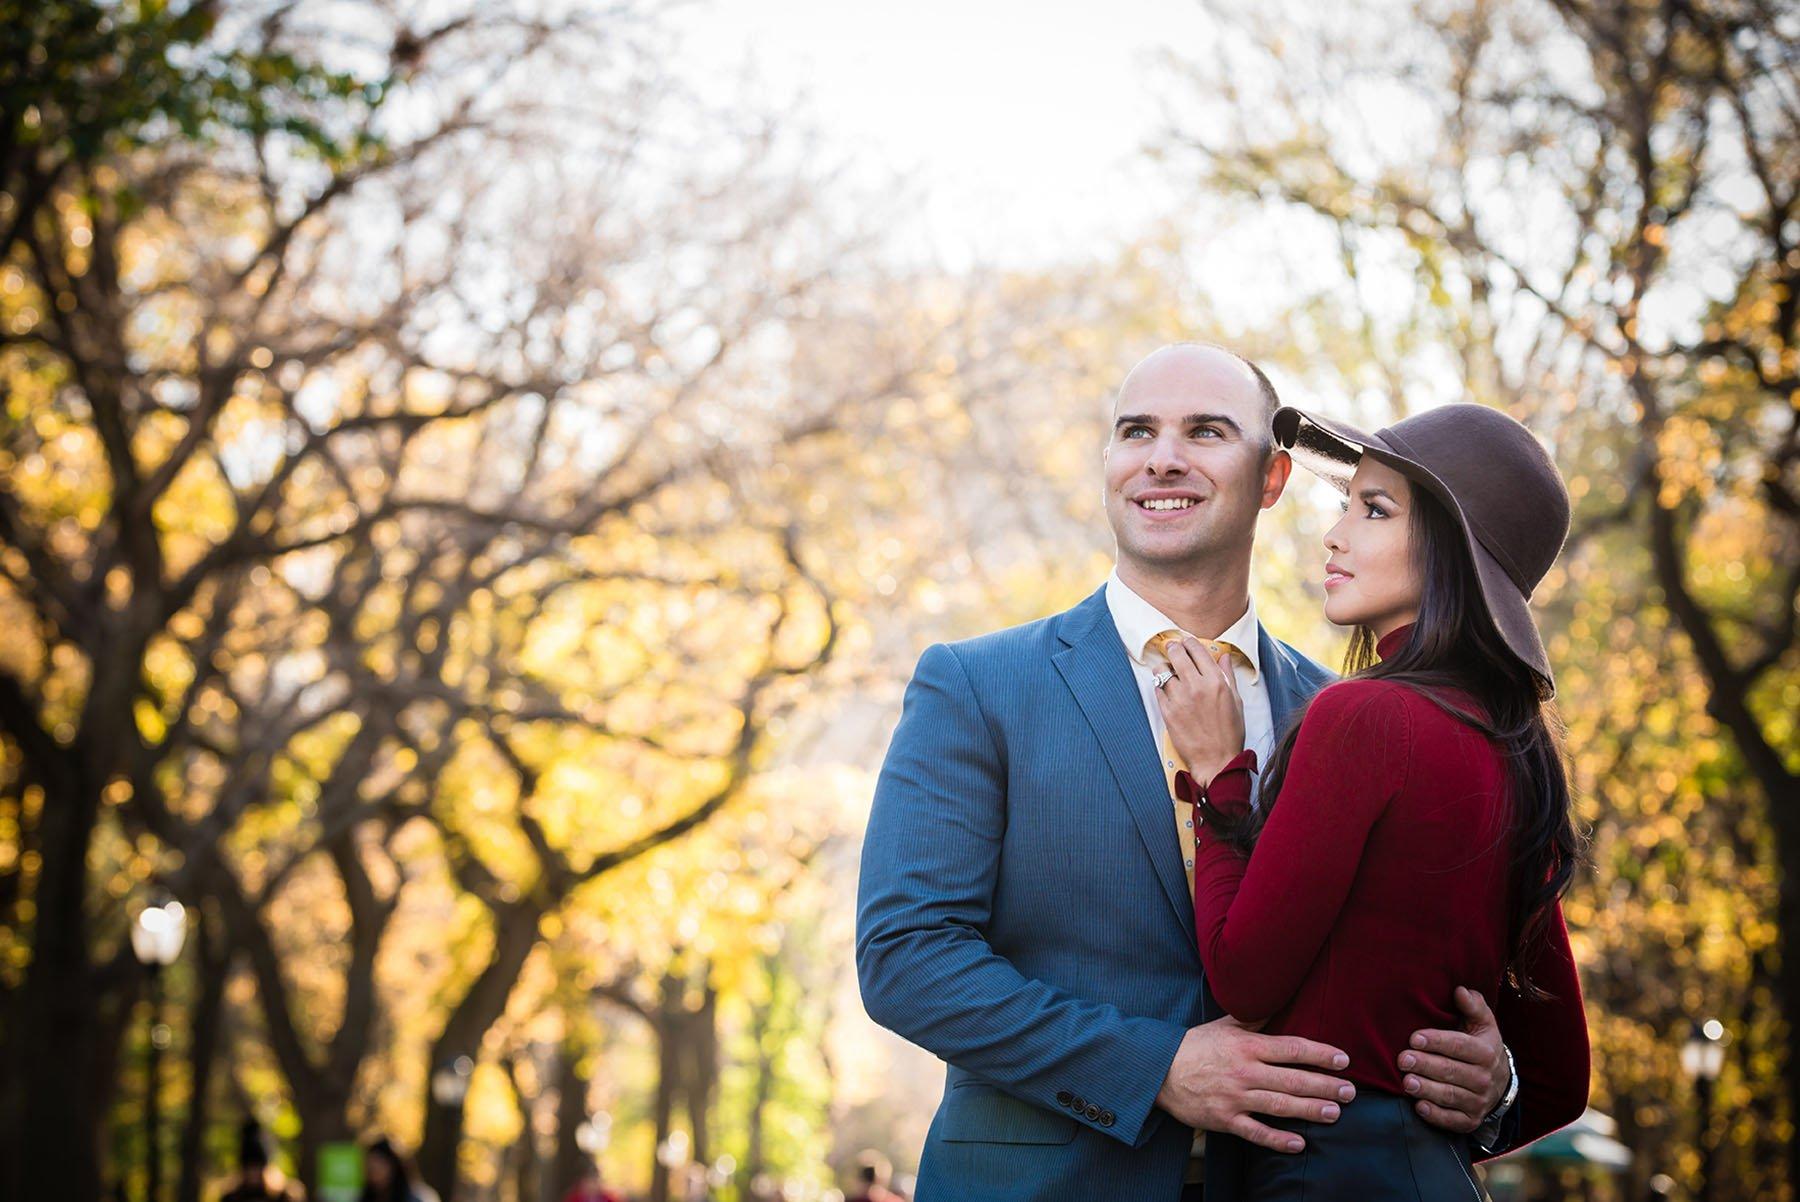 Central-Park-Engagement-Shoot ENGAGEMENTS